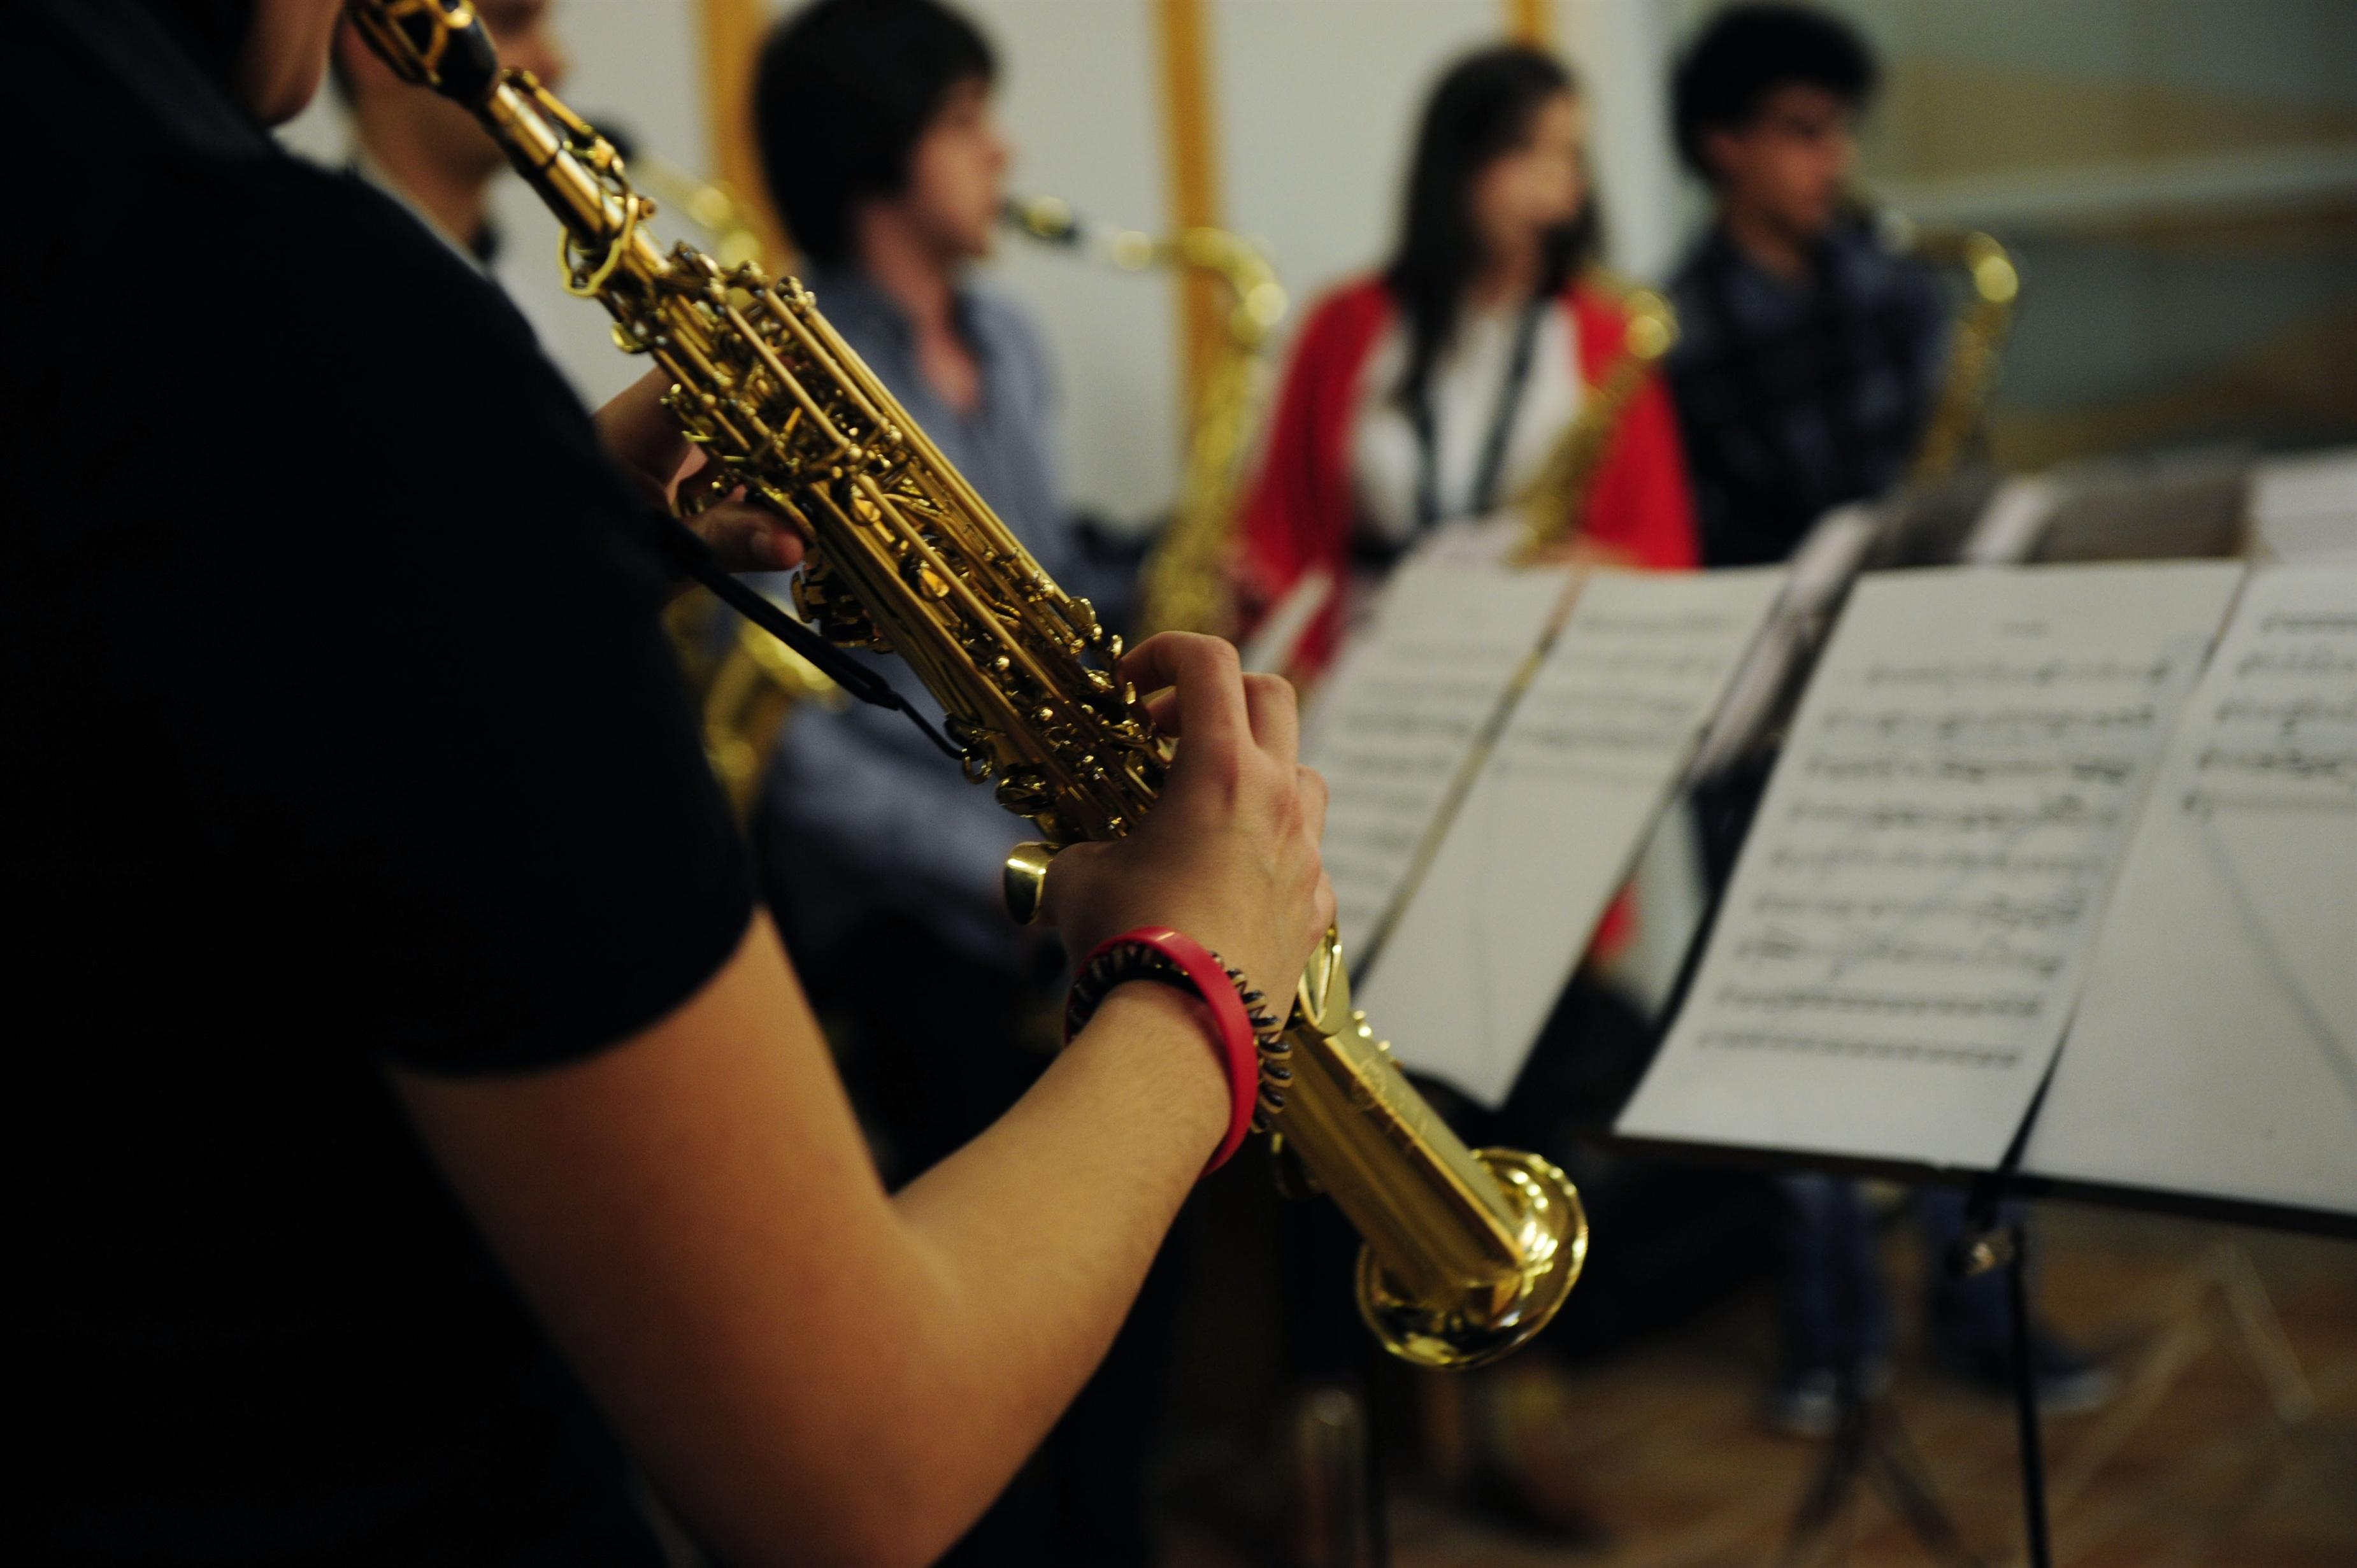 La XIX edición del Festival «Jazz al Margen» se celebrará del 1 al 10 de noviembre